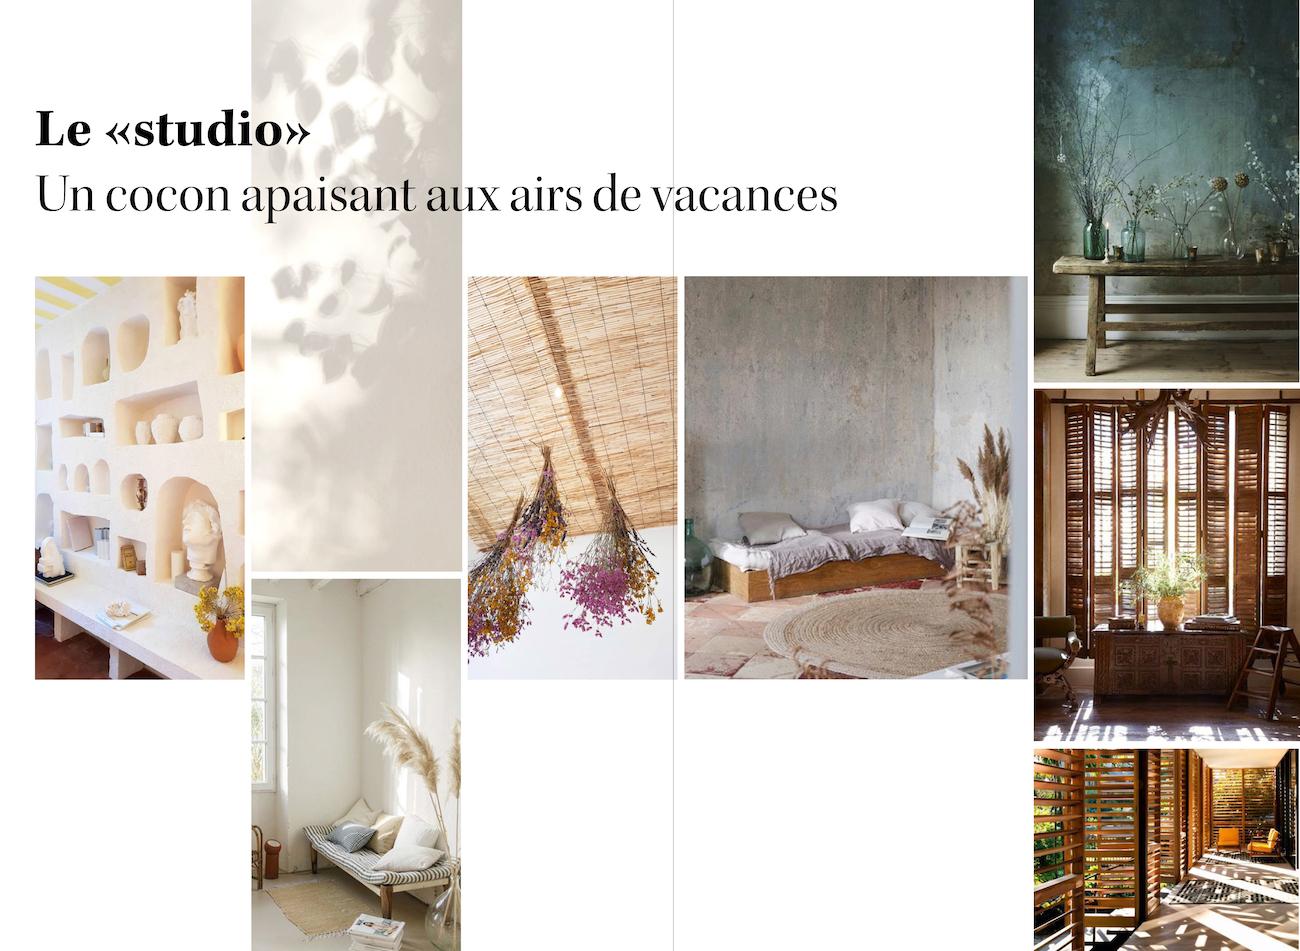 Architecte Interieur Bordeaux architecte d'intérieur, blog décoration | la penderie de chloé